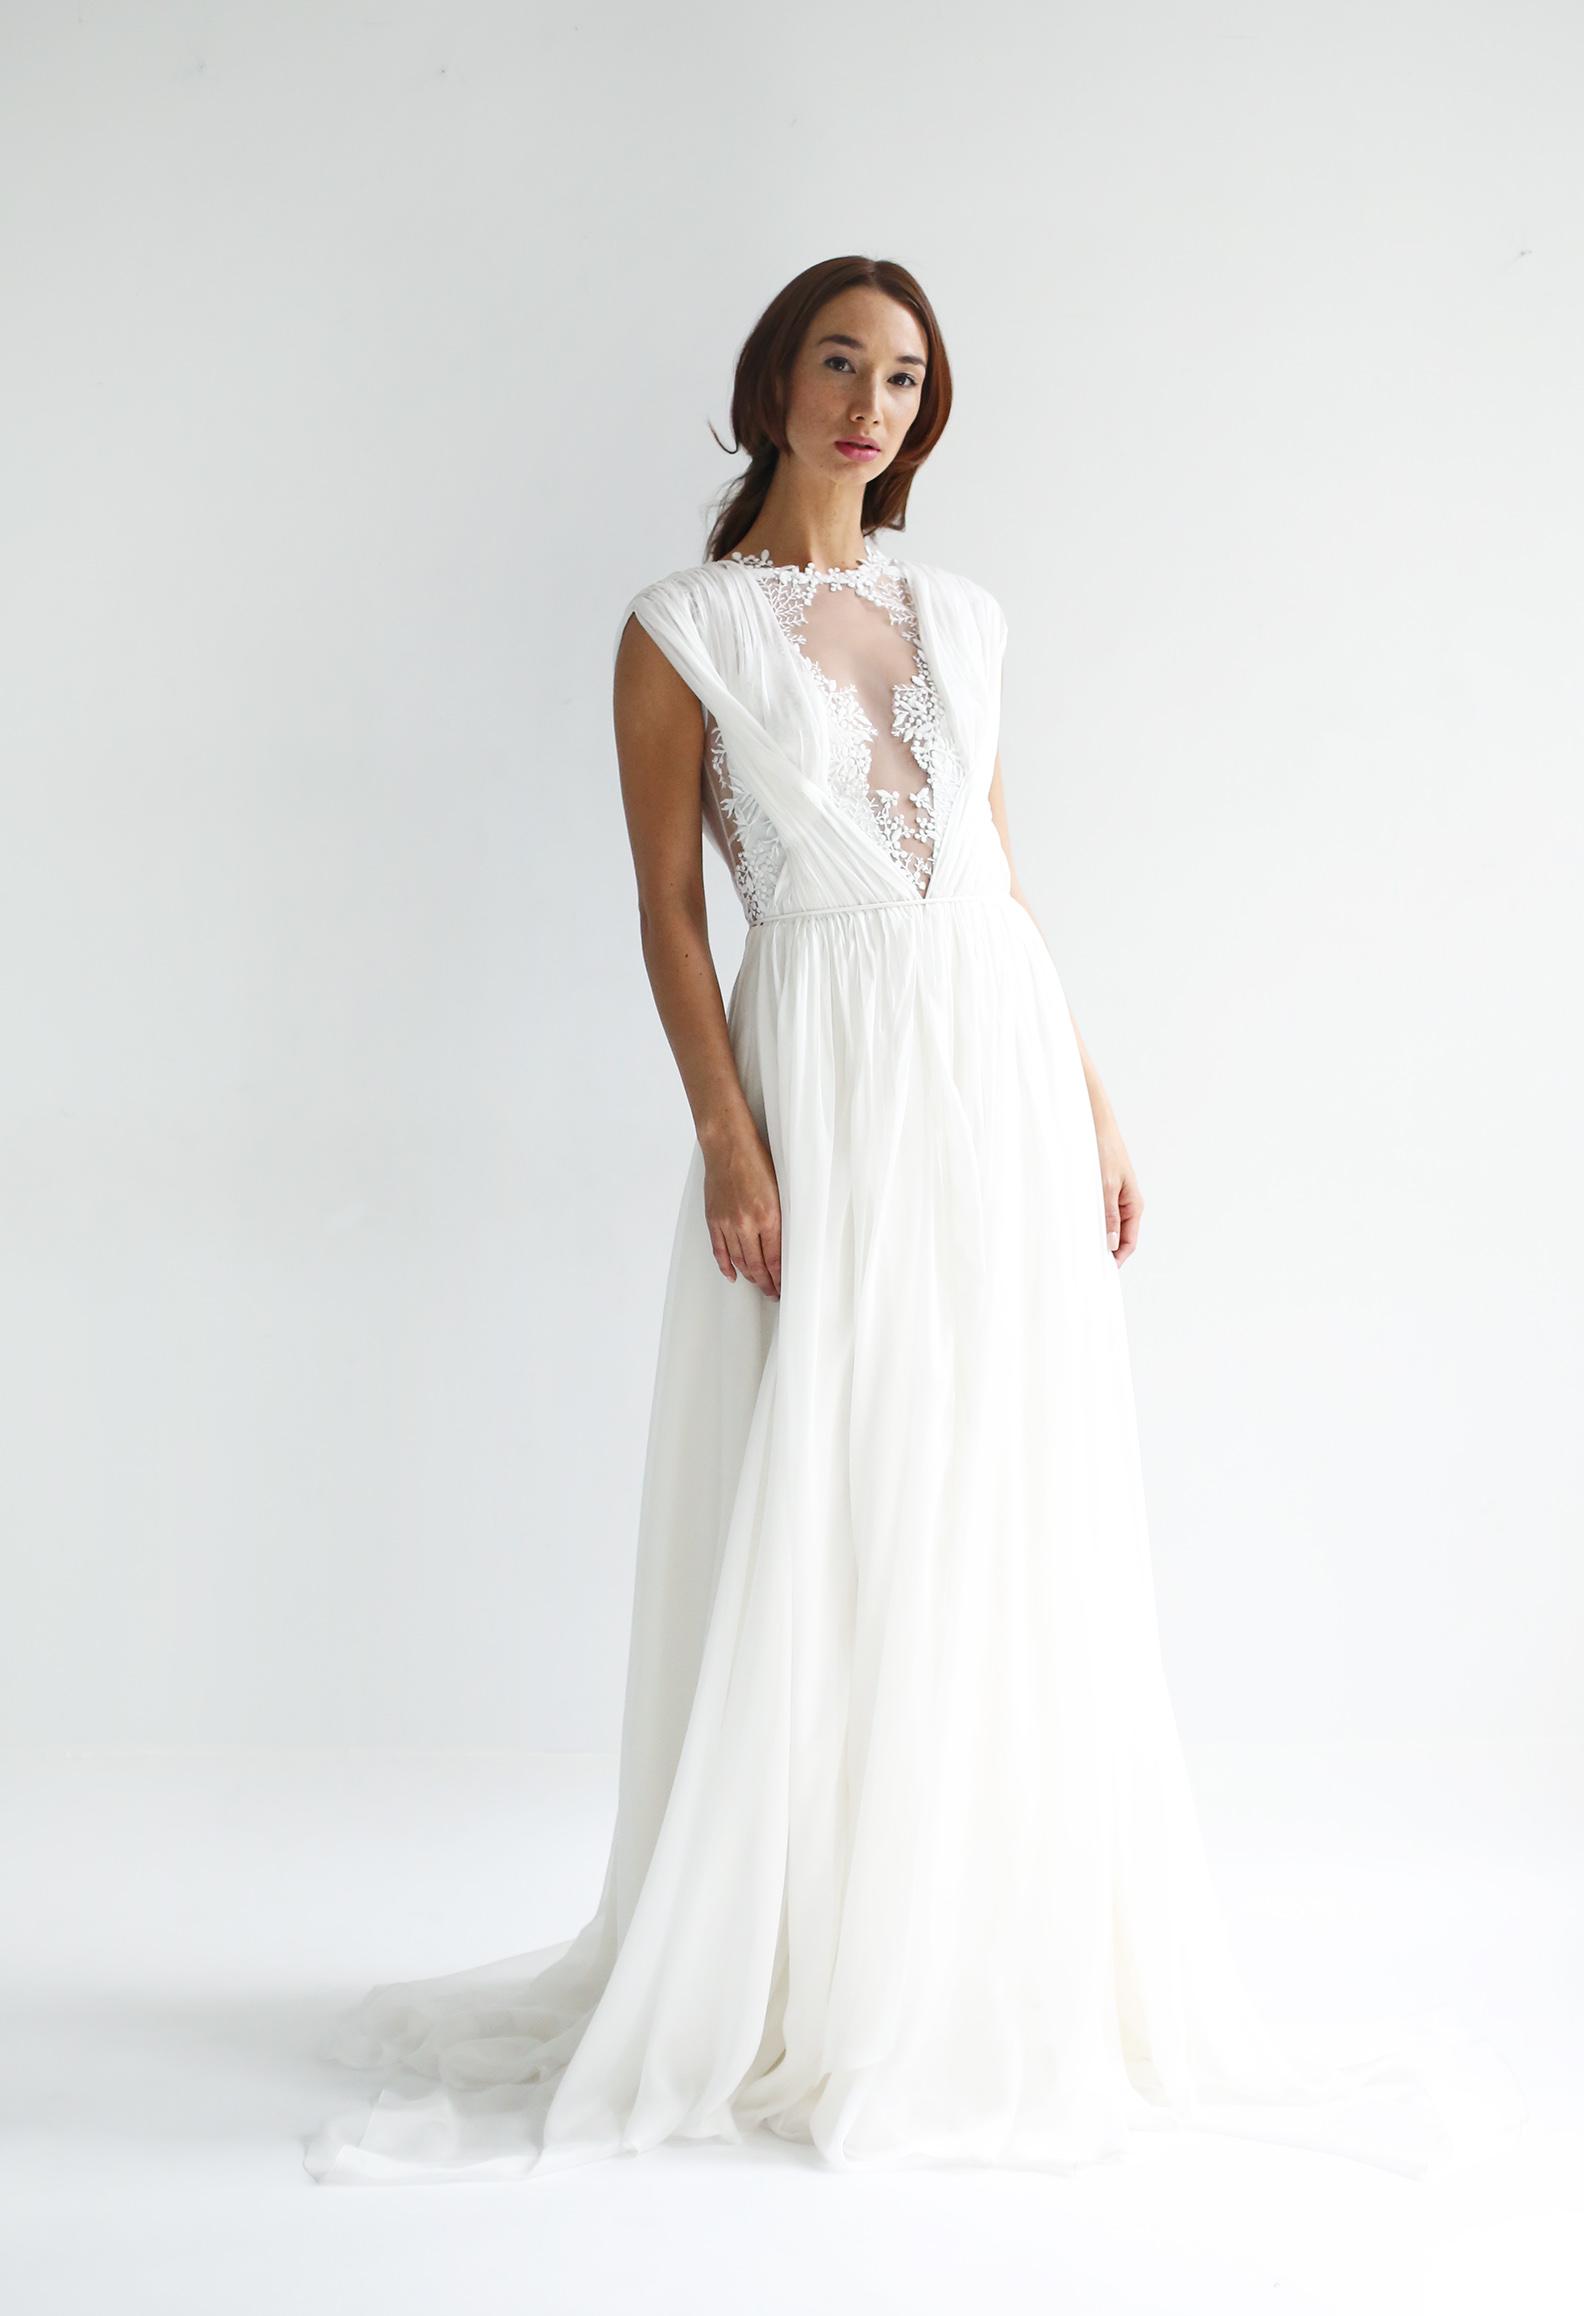 leanne-marshall-bridal-9.jpg